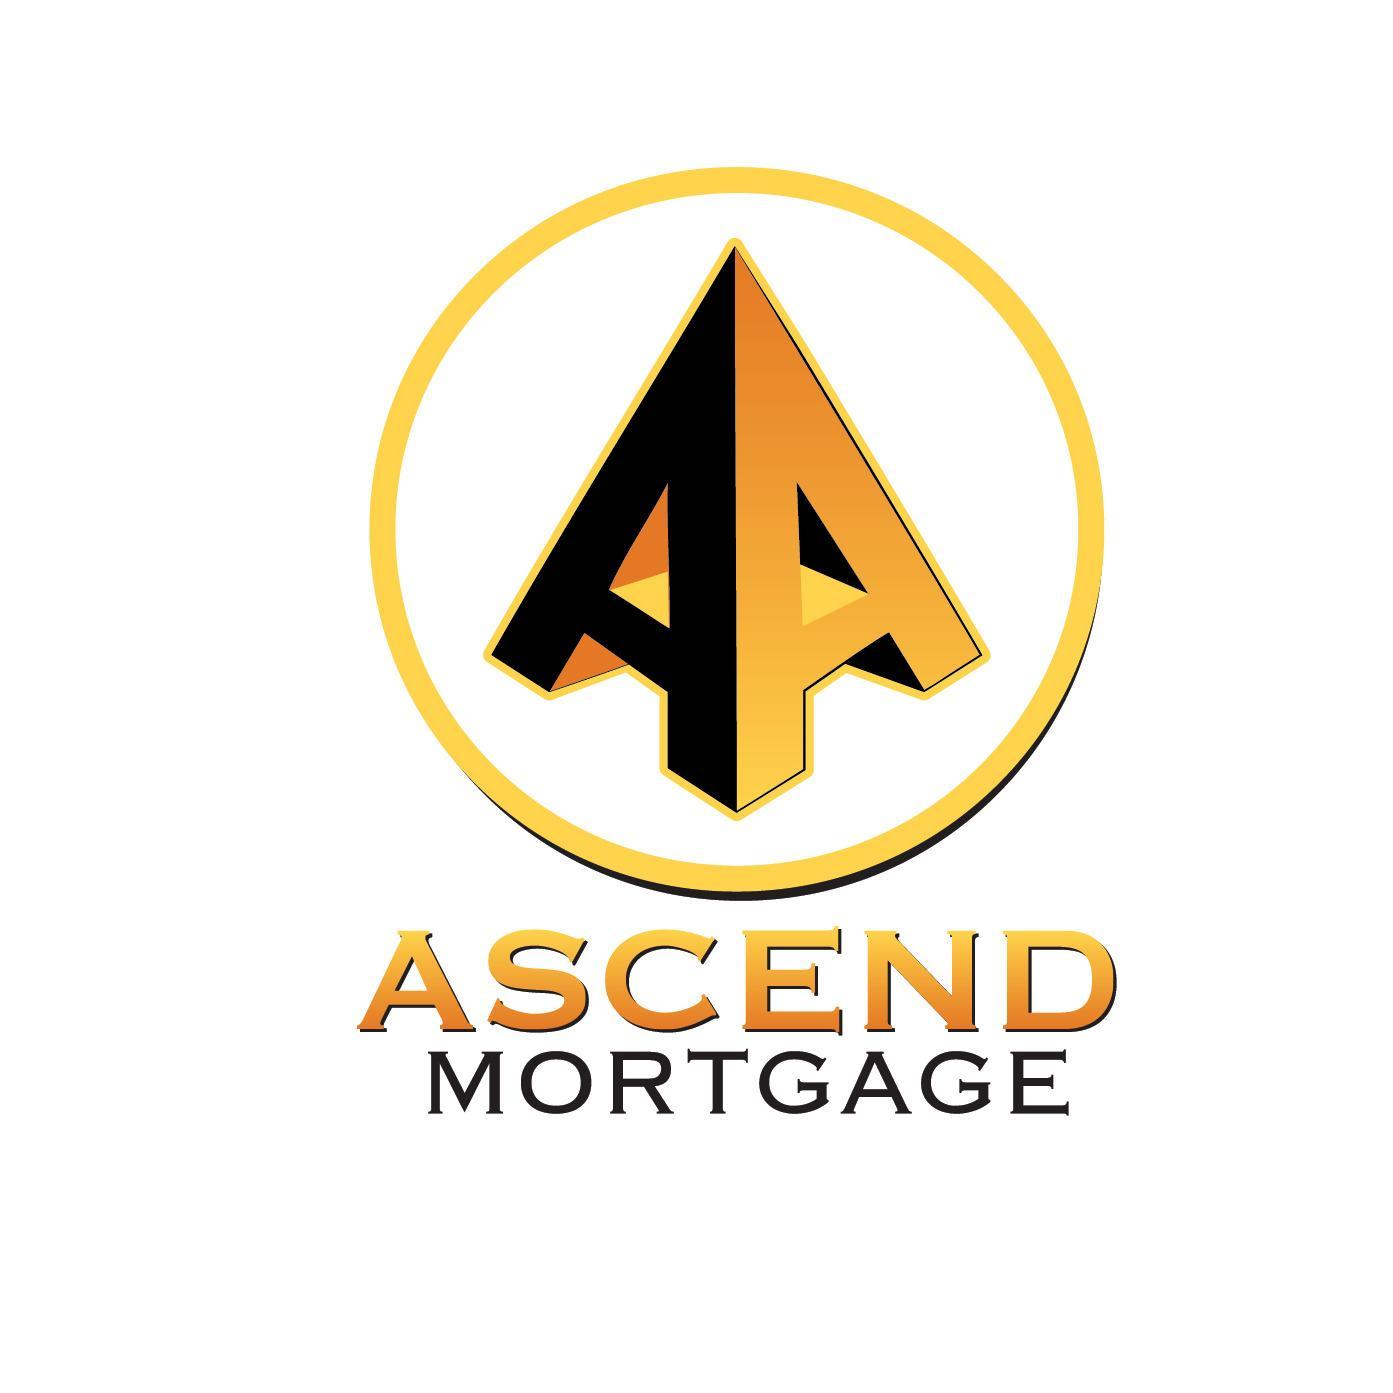 Ascend Mortgage